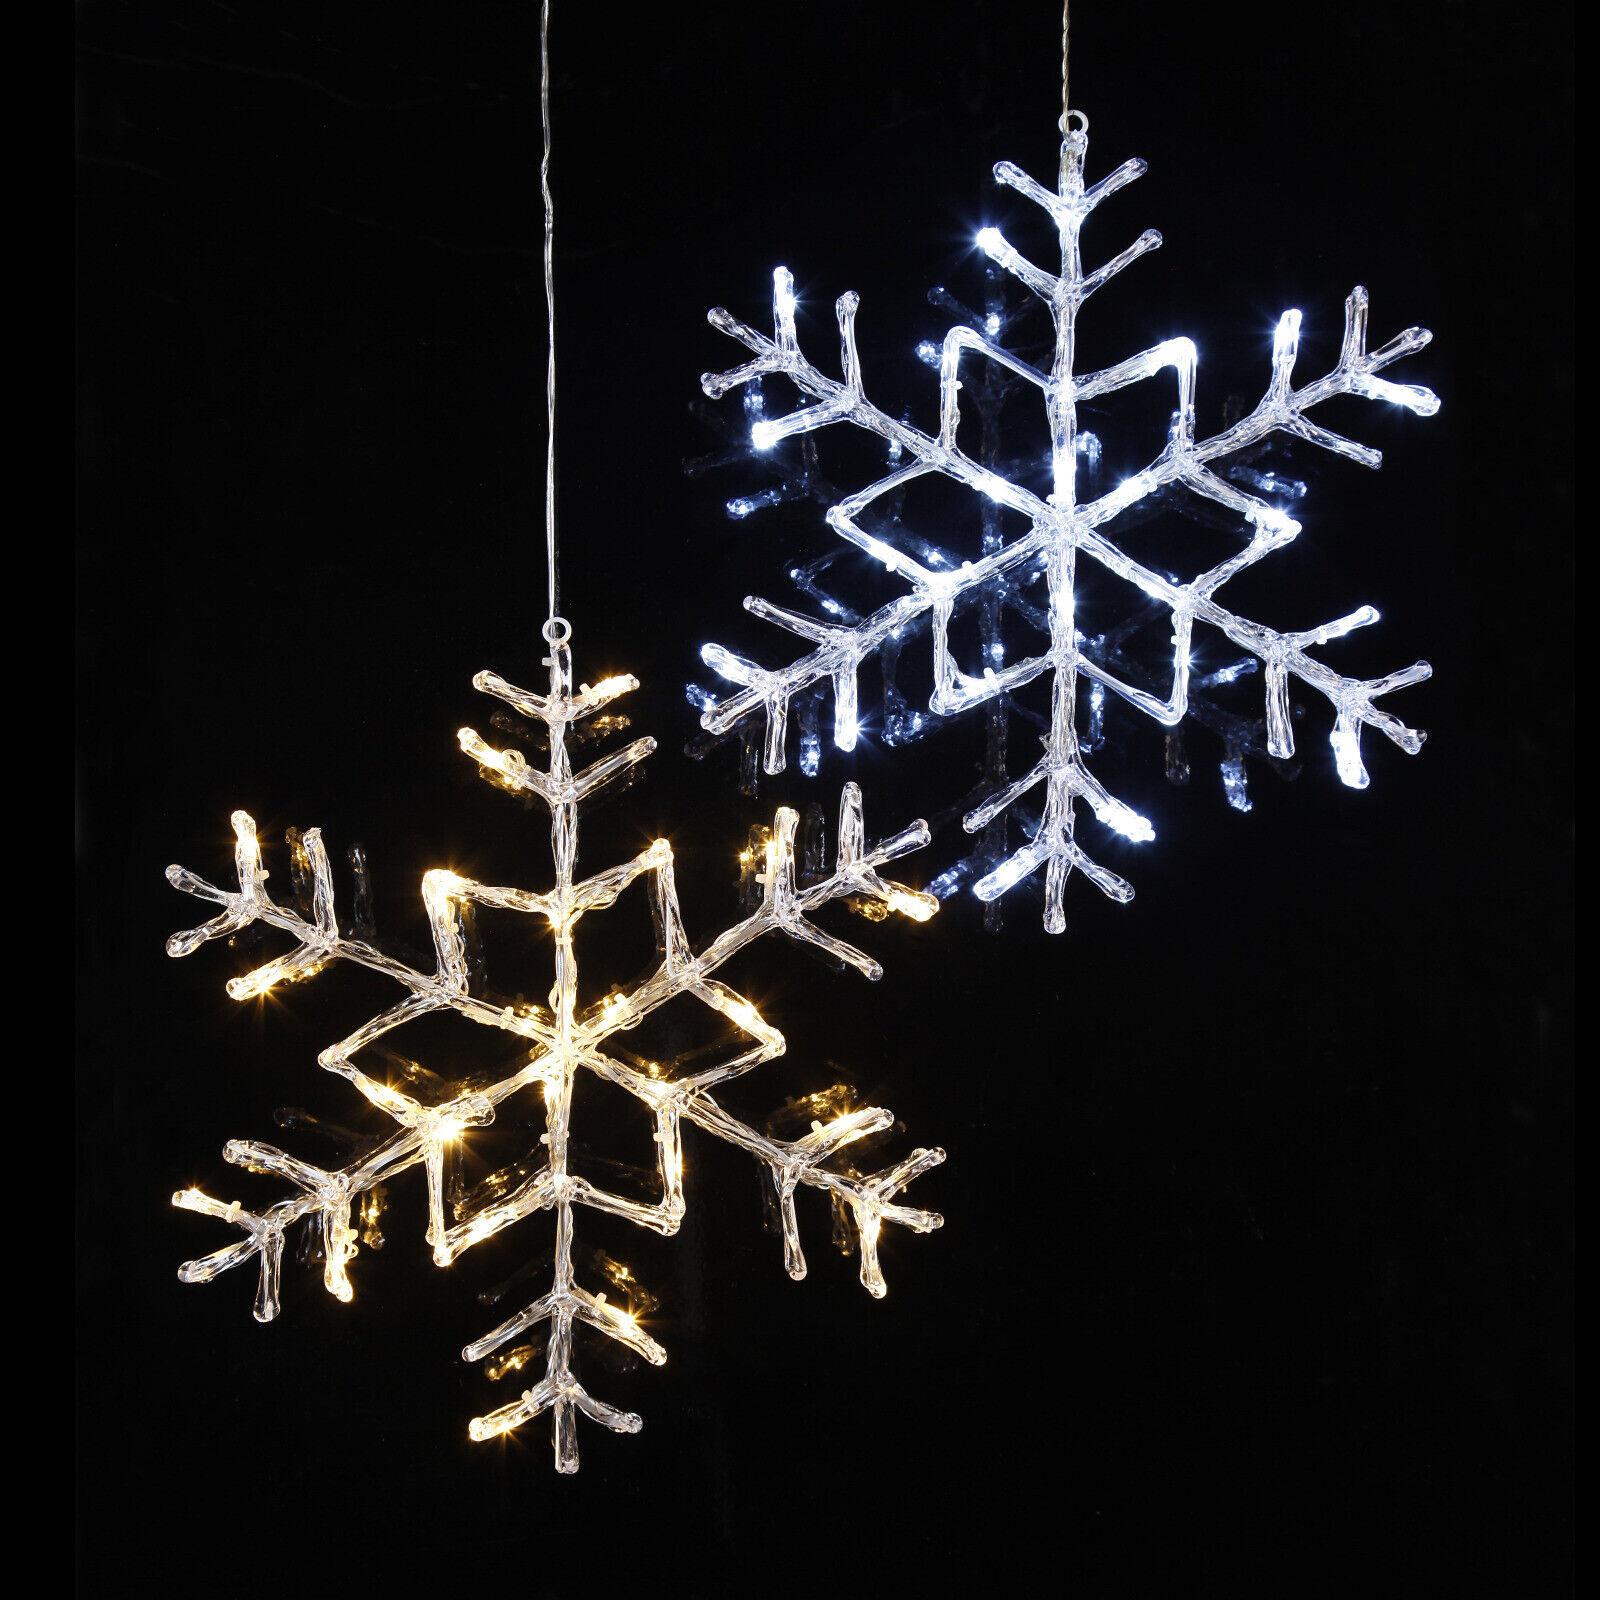 LED Deko-Schneeflocke  Antarctica  beleuchtet für Außen Outdoor Snowflake Winter